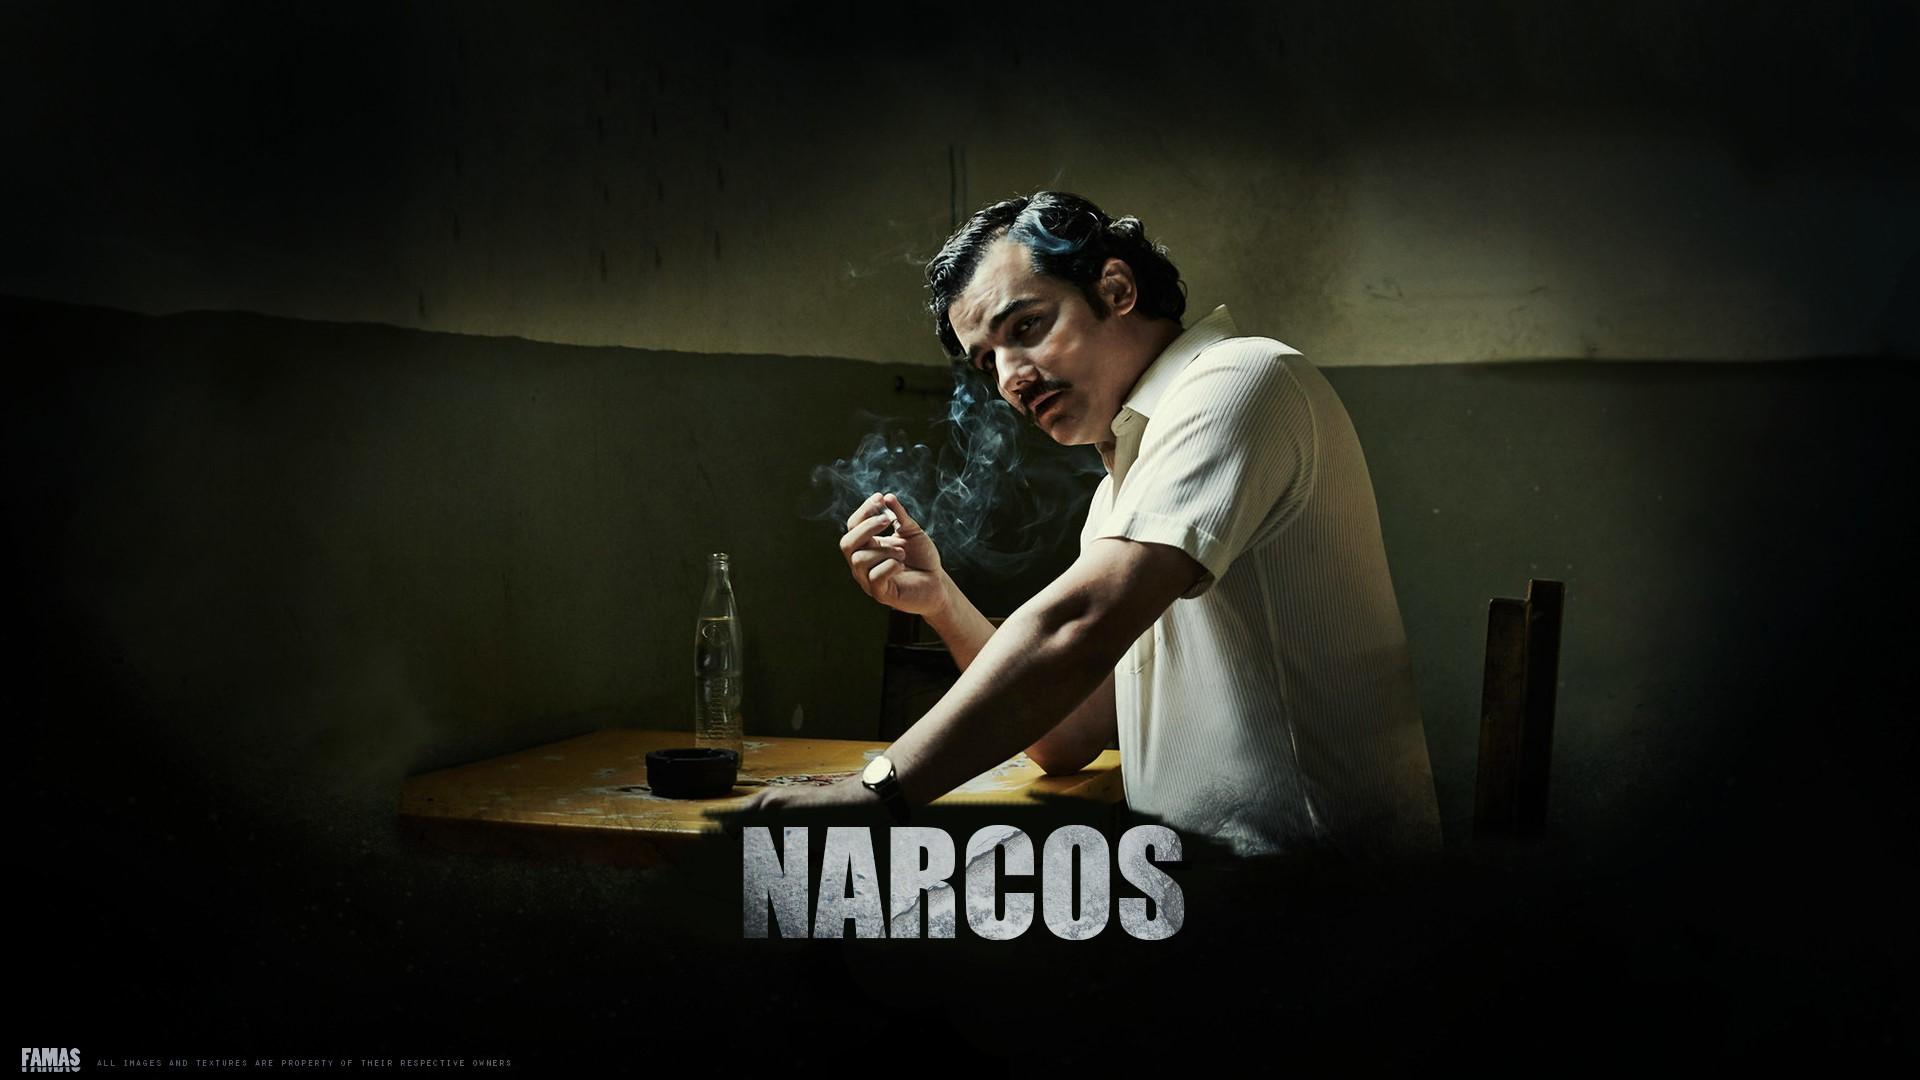 Narcos hd wallpaper